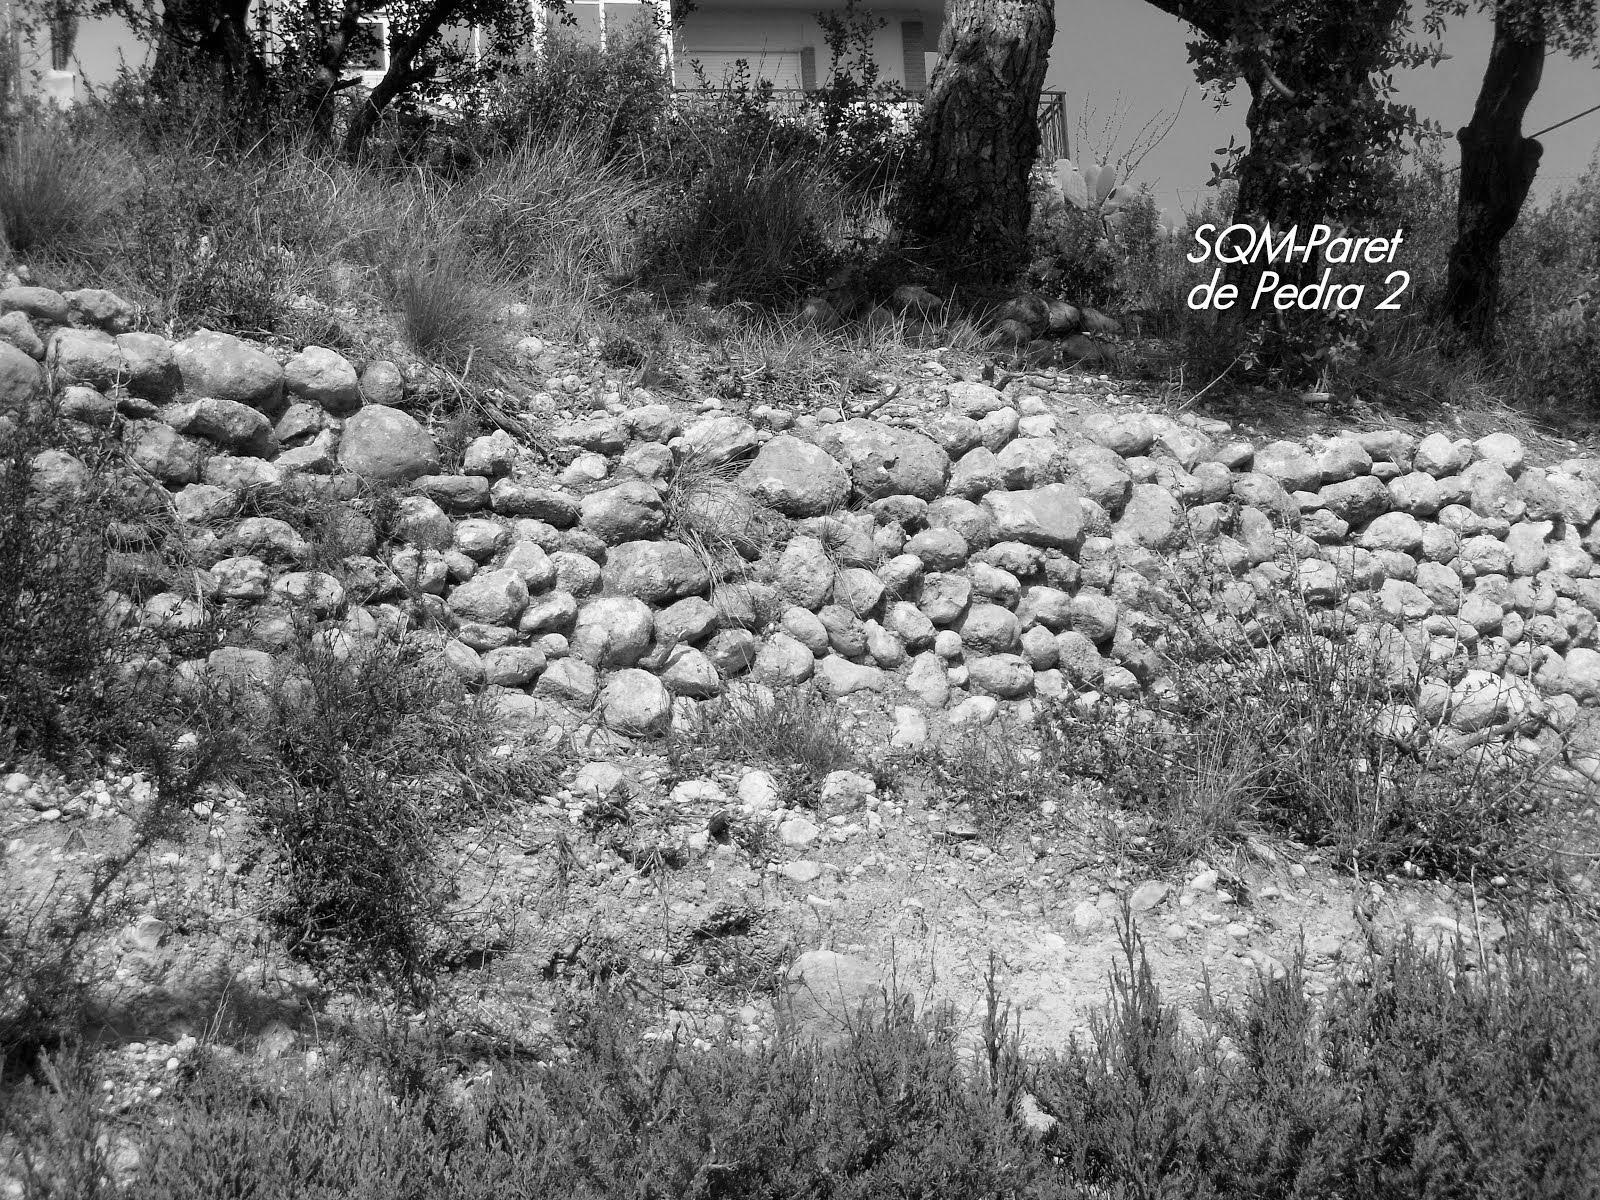 Paret de pedra seca per terrasses.